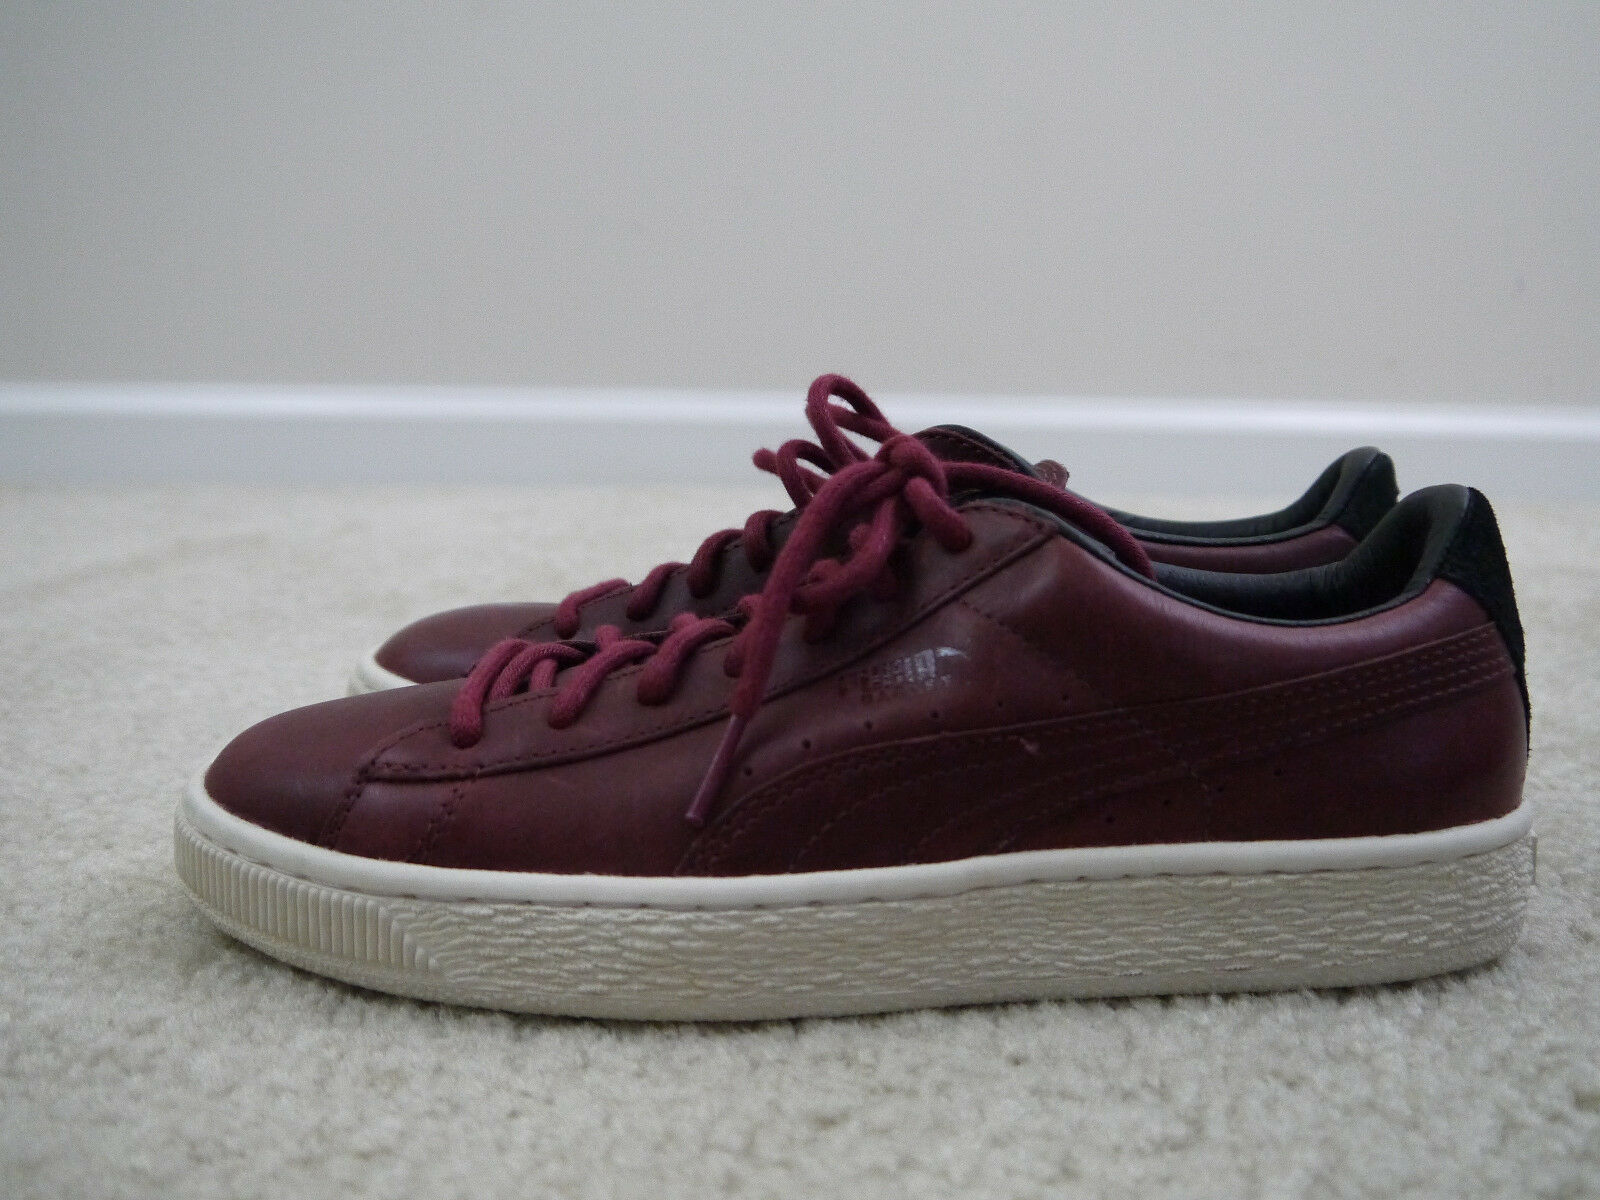 Puma Men's Basket Case Citi Series Casual Sneakers Red 7.5 NWOB!